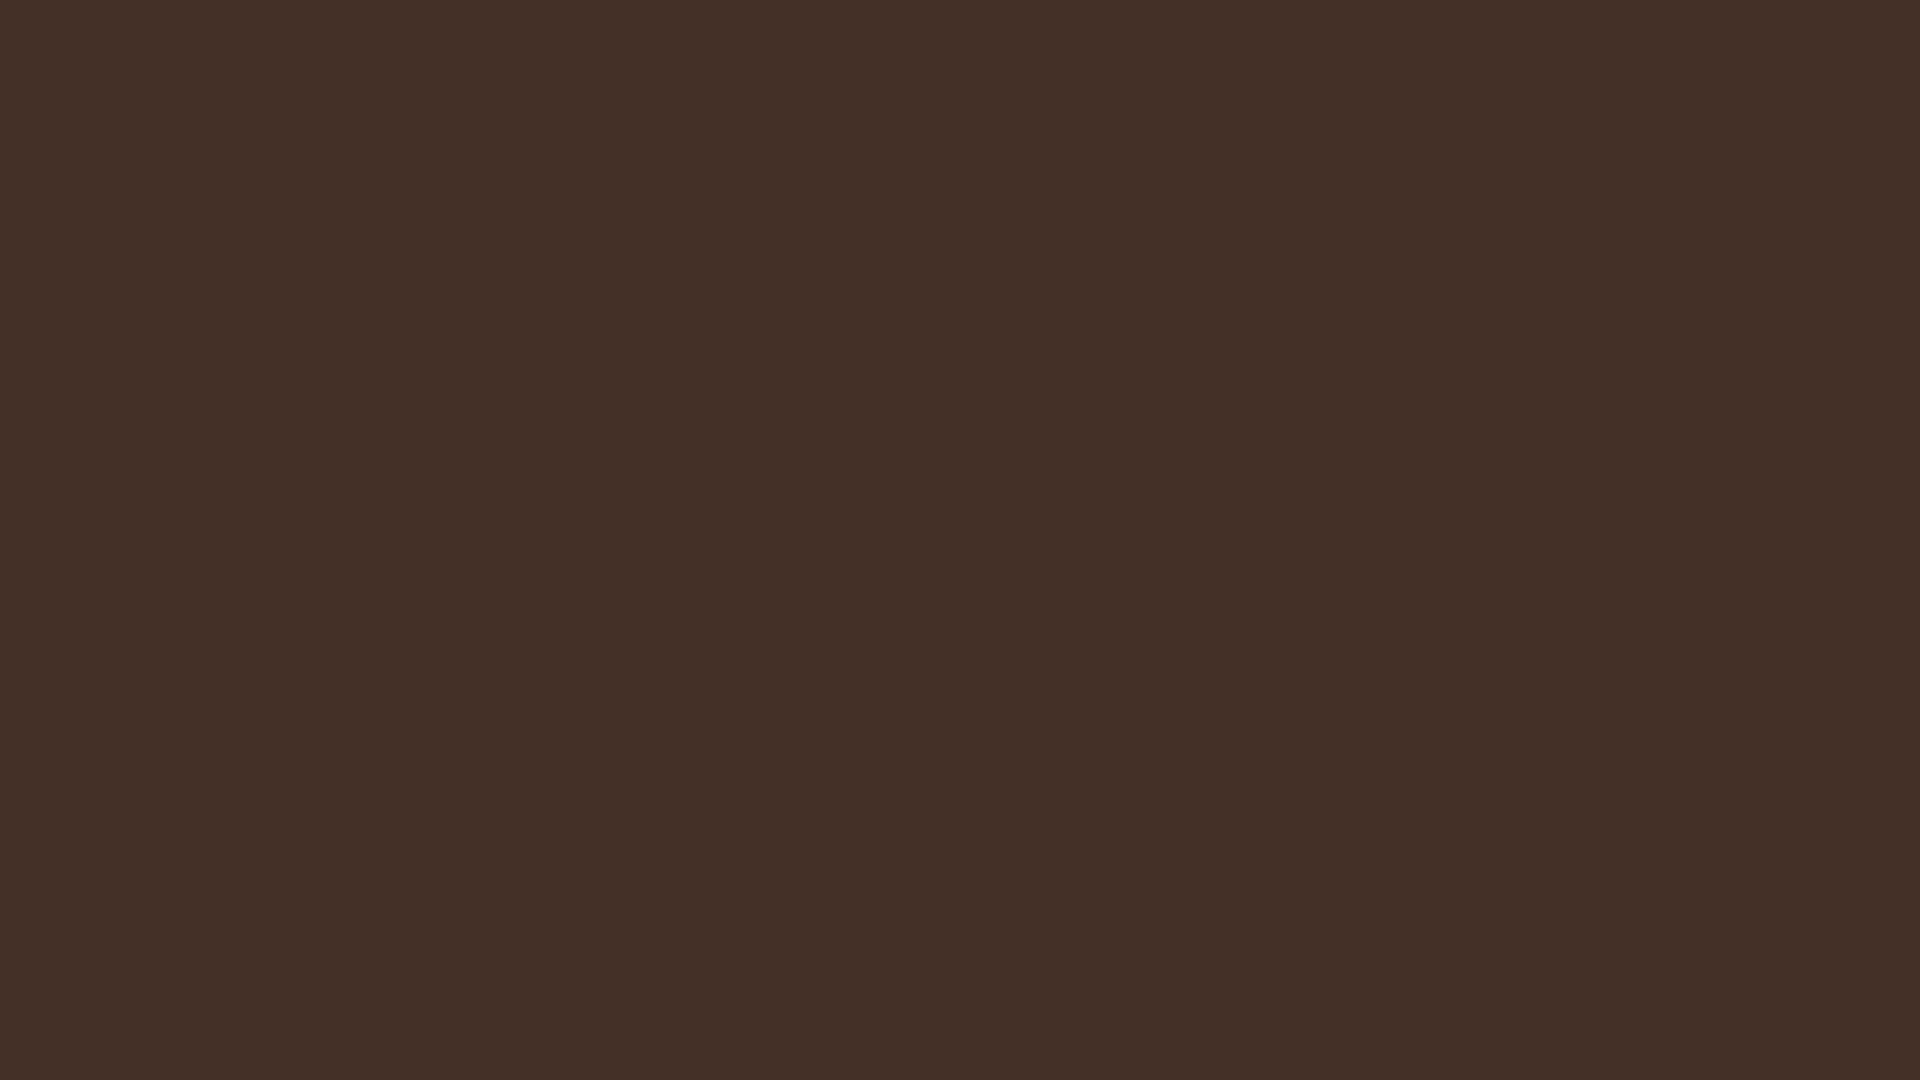 SMS Deurtechniek - RAL 8017 - chocoladebruin